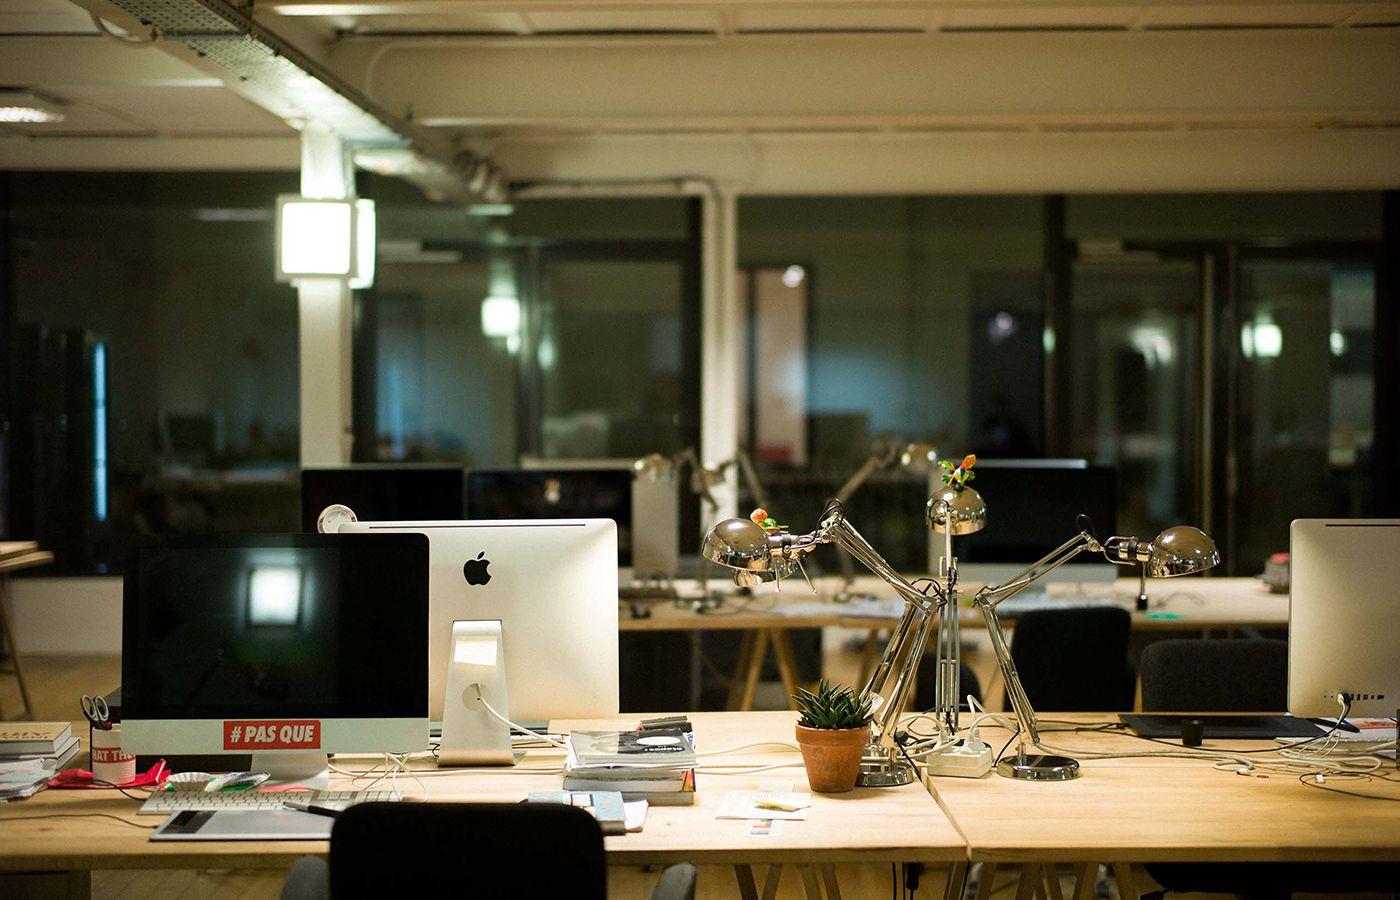 Les Bureaux De L Agence Les Gros Mots A Paris